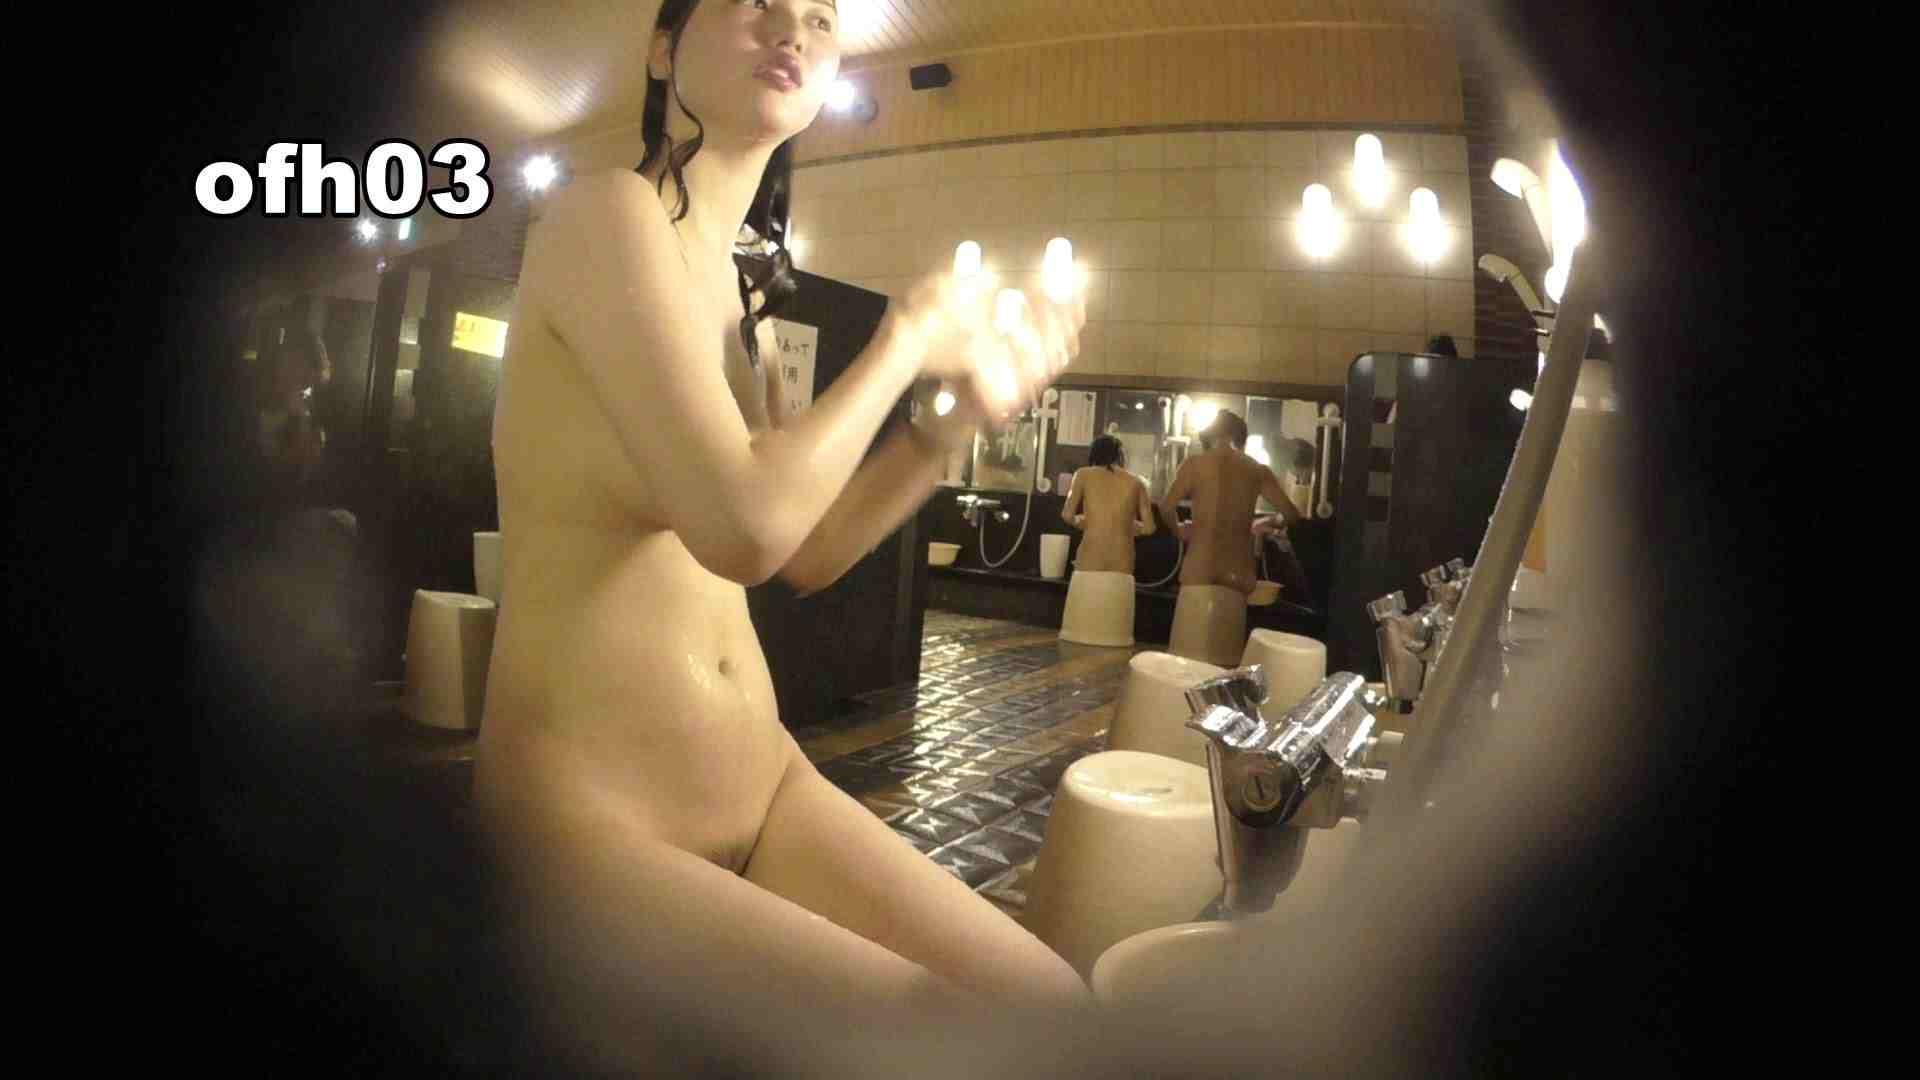 お風呂HEROの助手 vol.03 OLハメ撮り  65Pix 54